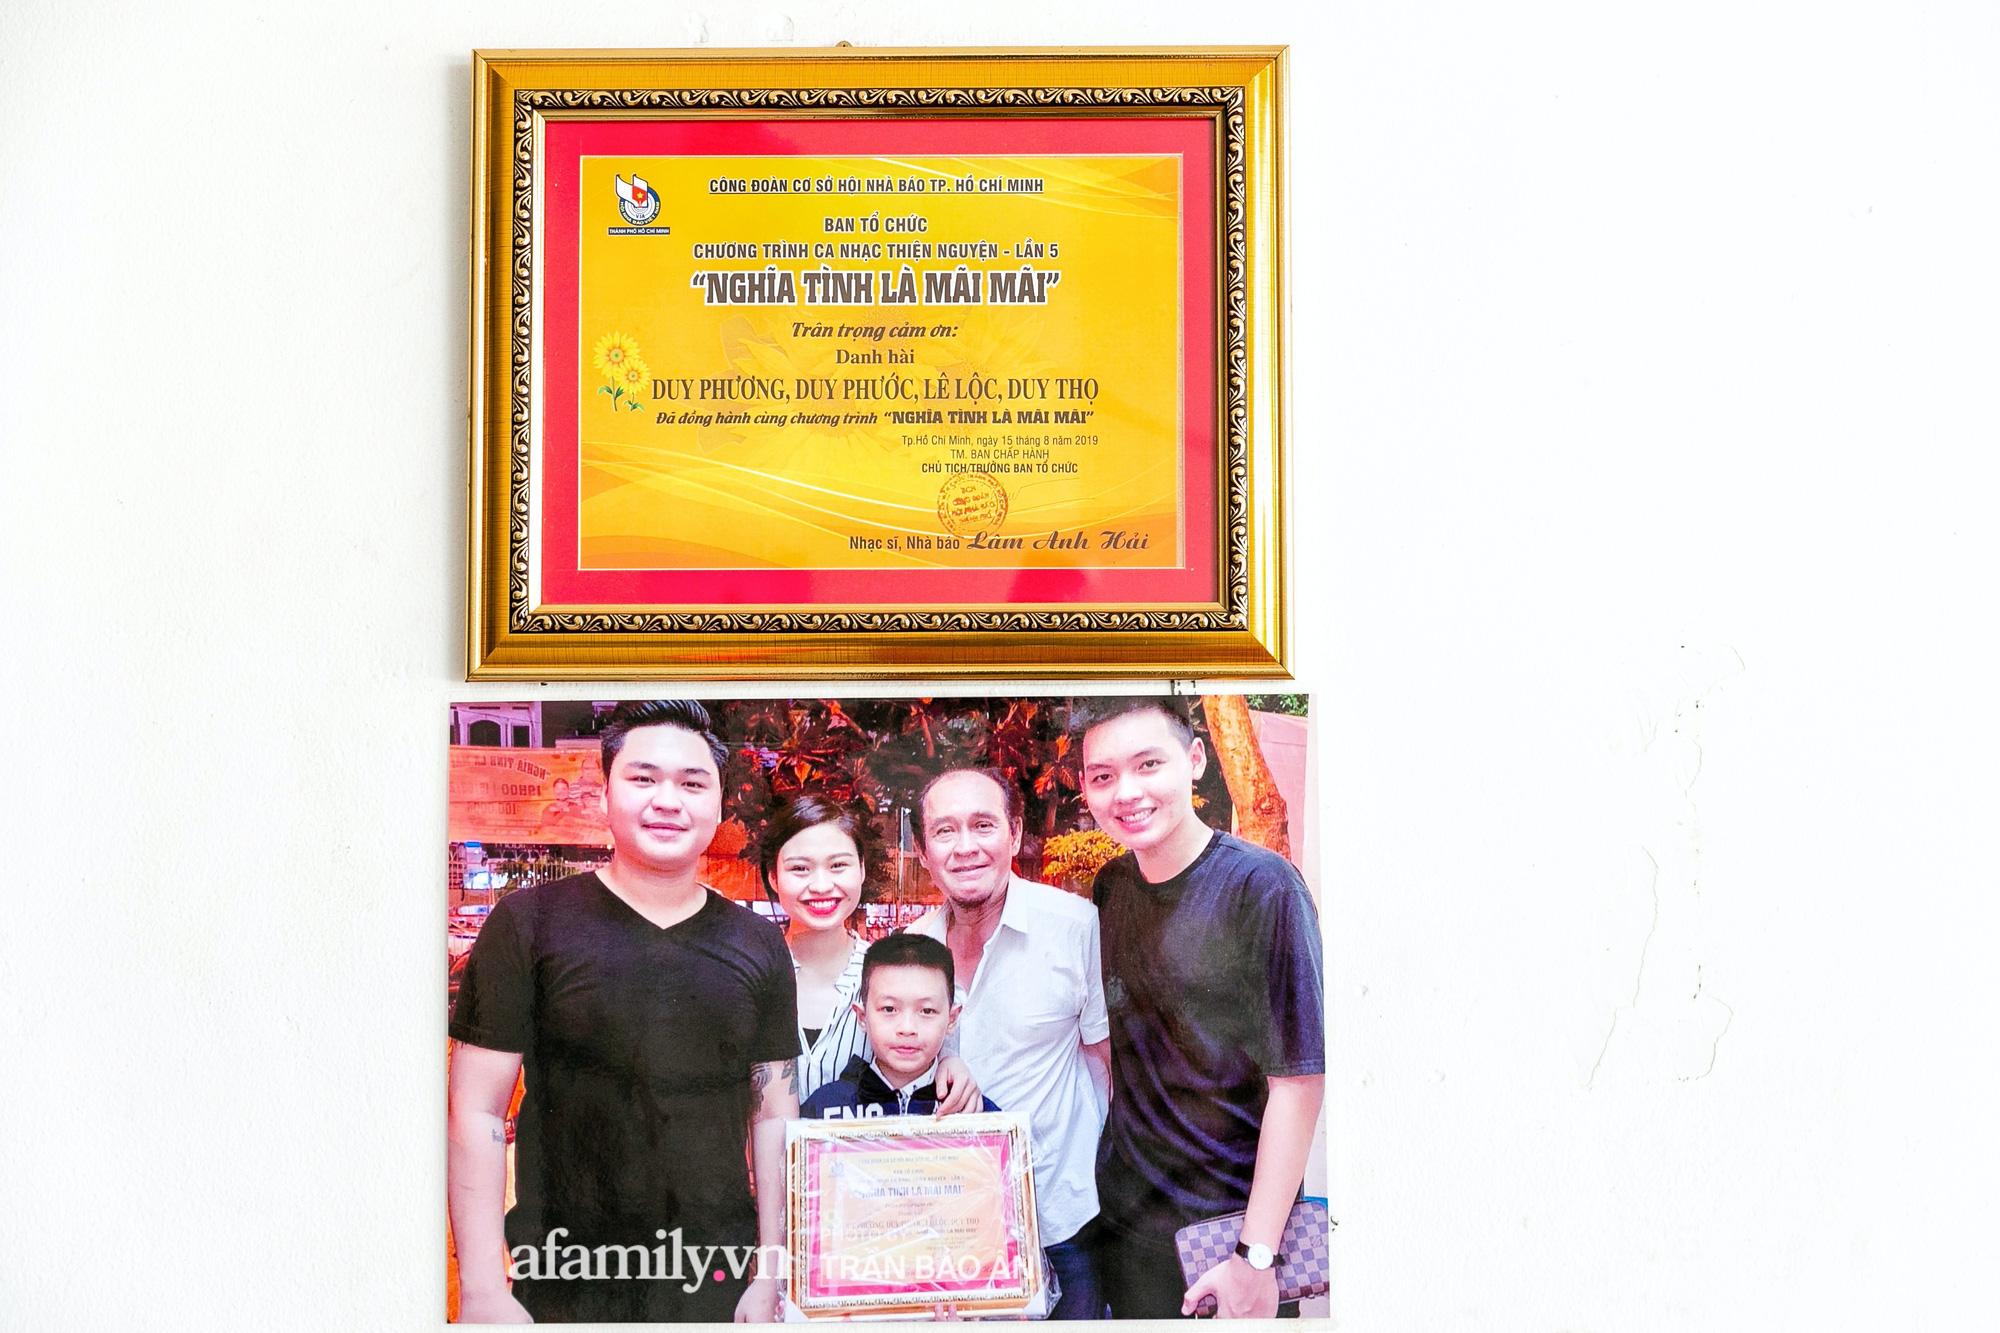 Quán bánh bèo chén của nghệ sĩ Duy Phương: Có người lặng lội đi hơn 20km để mua về và gặp ông chủ, xúc động hình ảnh 4 người con được treo ở nơi sáng nhất  - Ảnh 3.